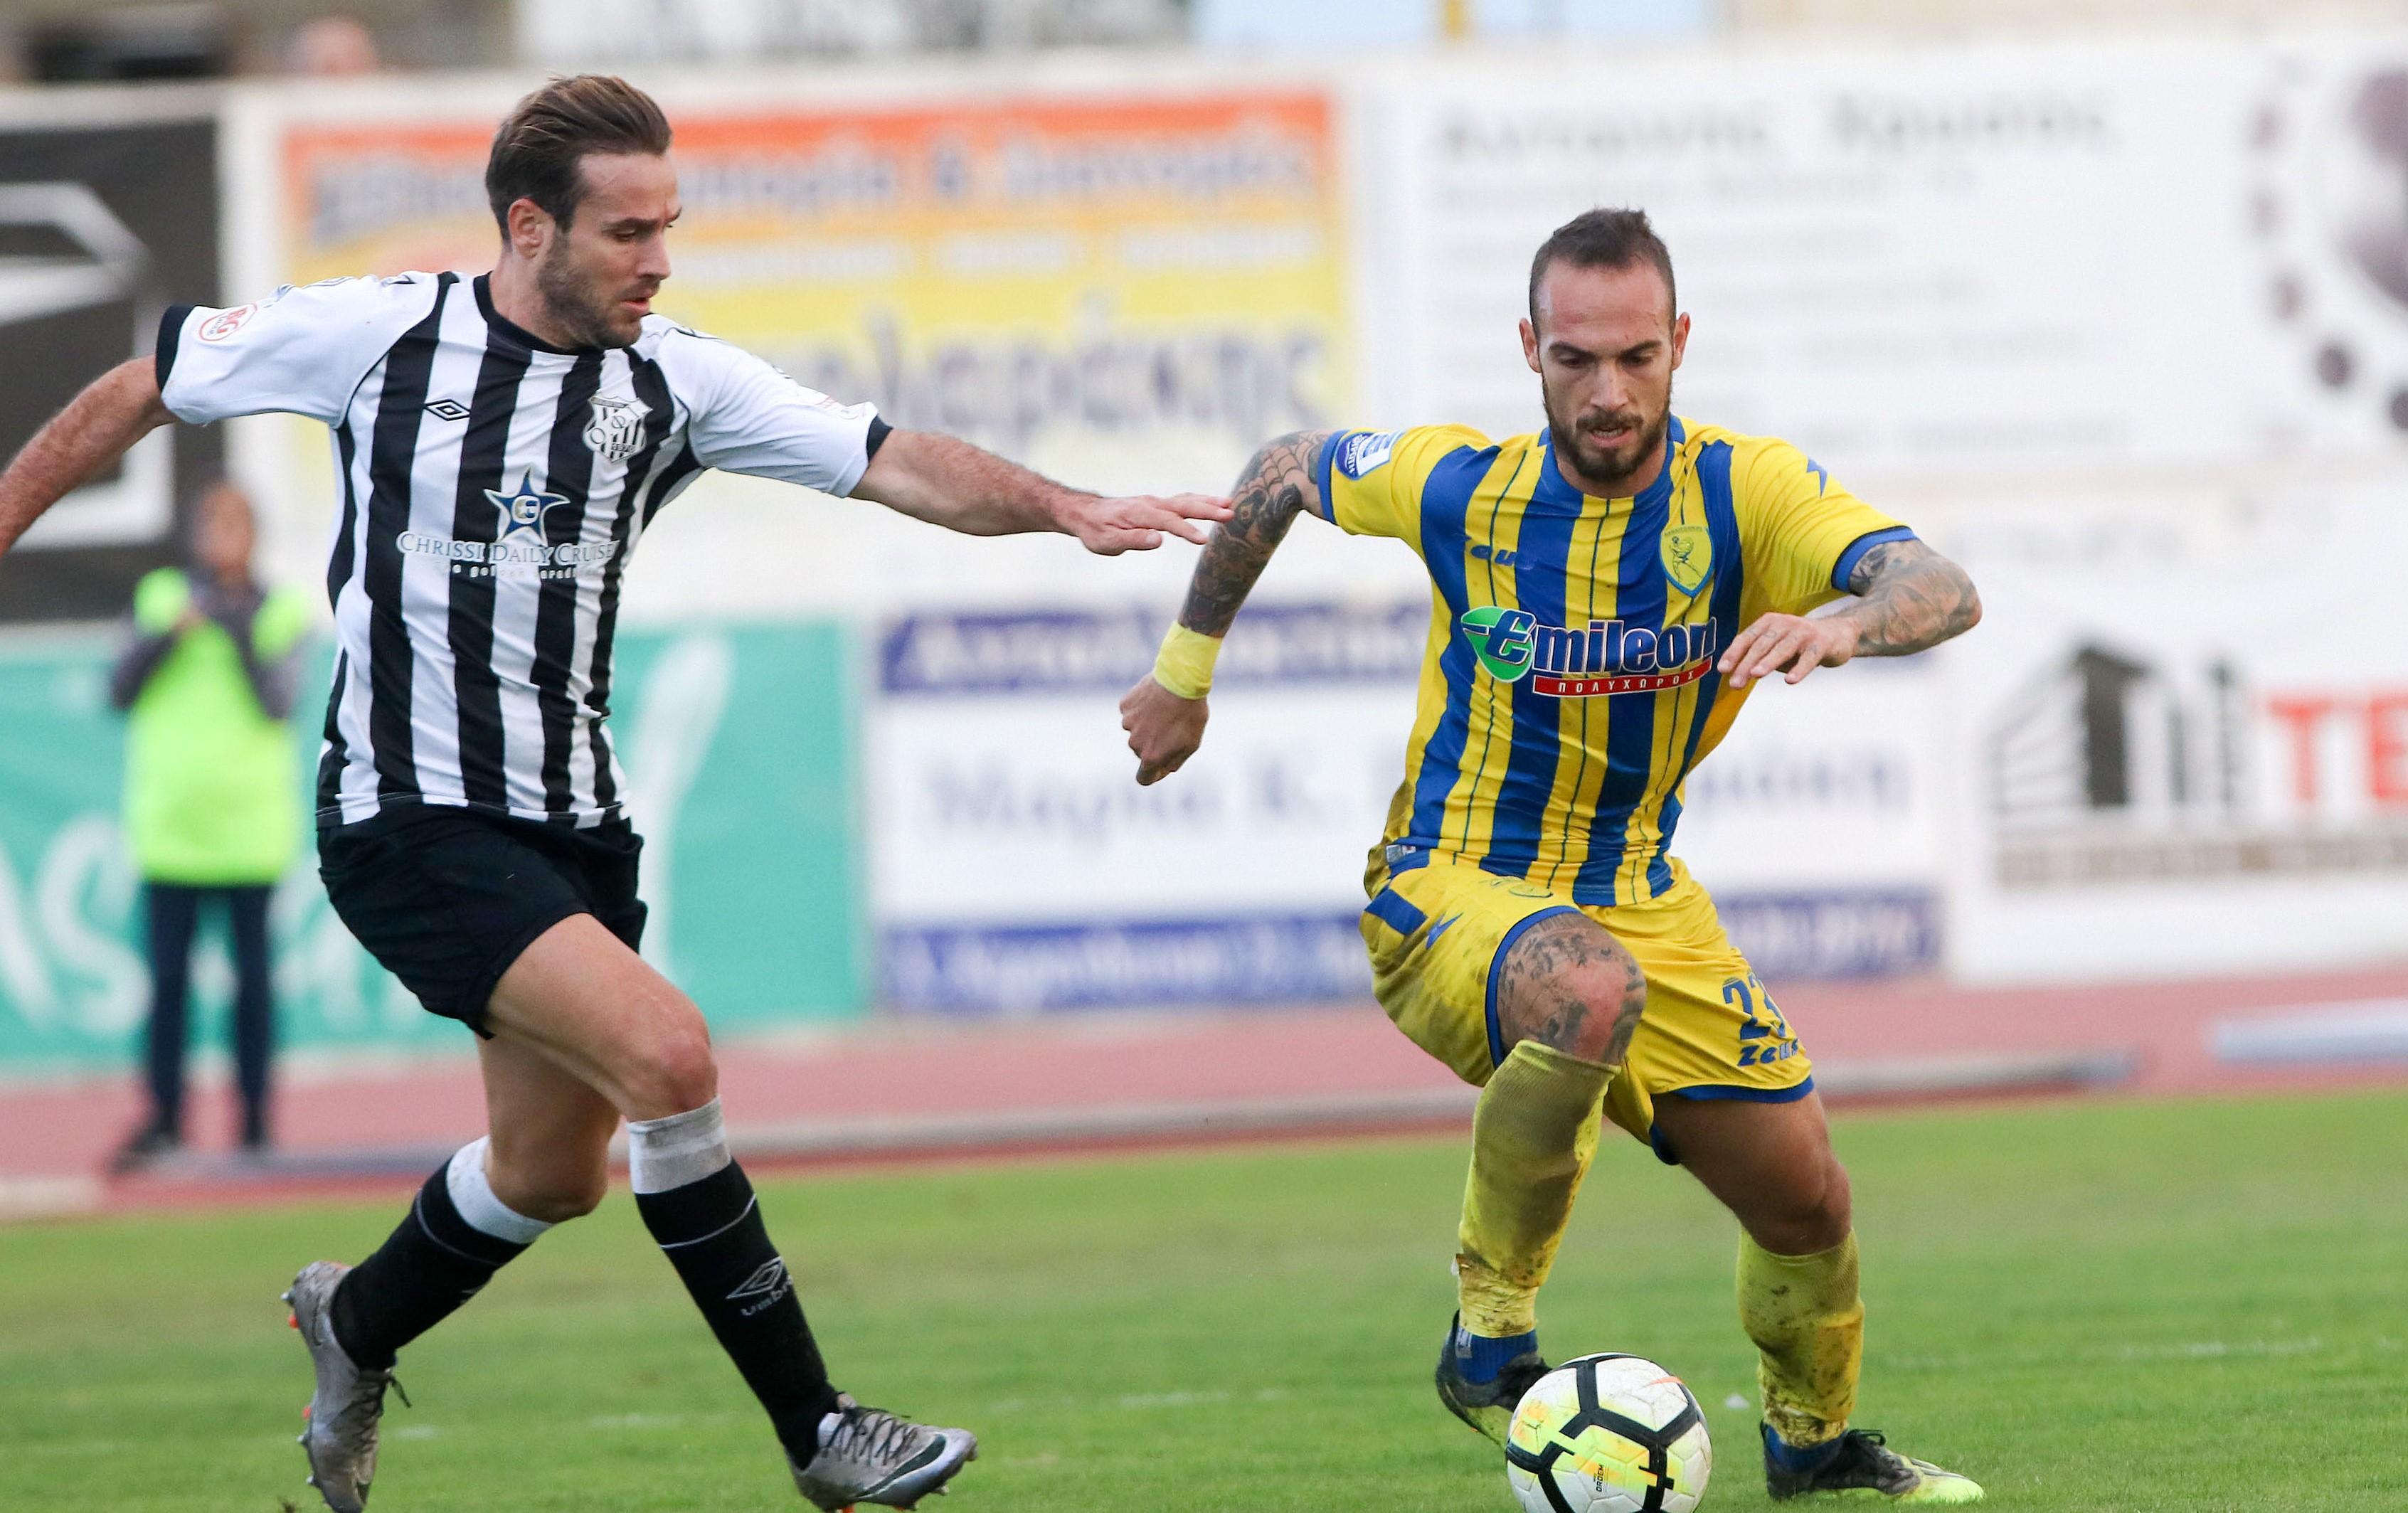 ΟΦ Ιεράπετρας – Παναιτωλικός 0-0: Έμεινε στο… μηδέν και αποκλείστηκε